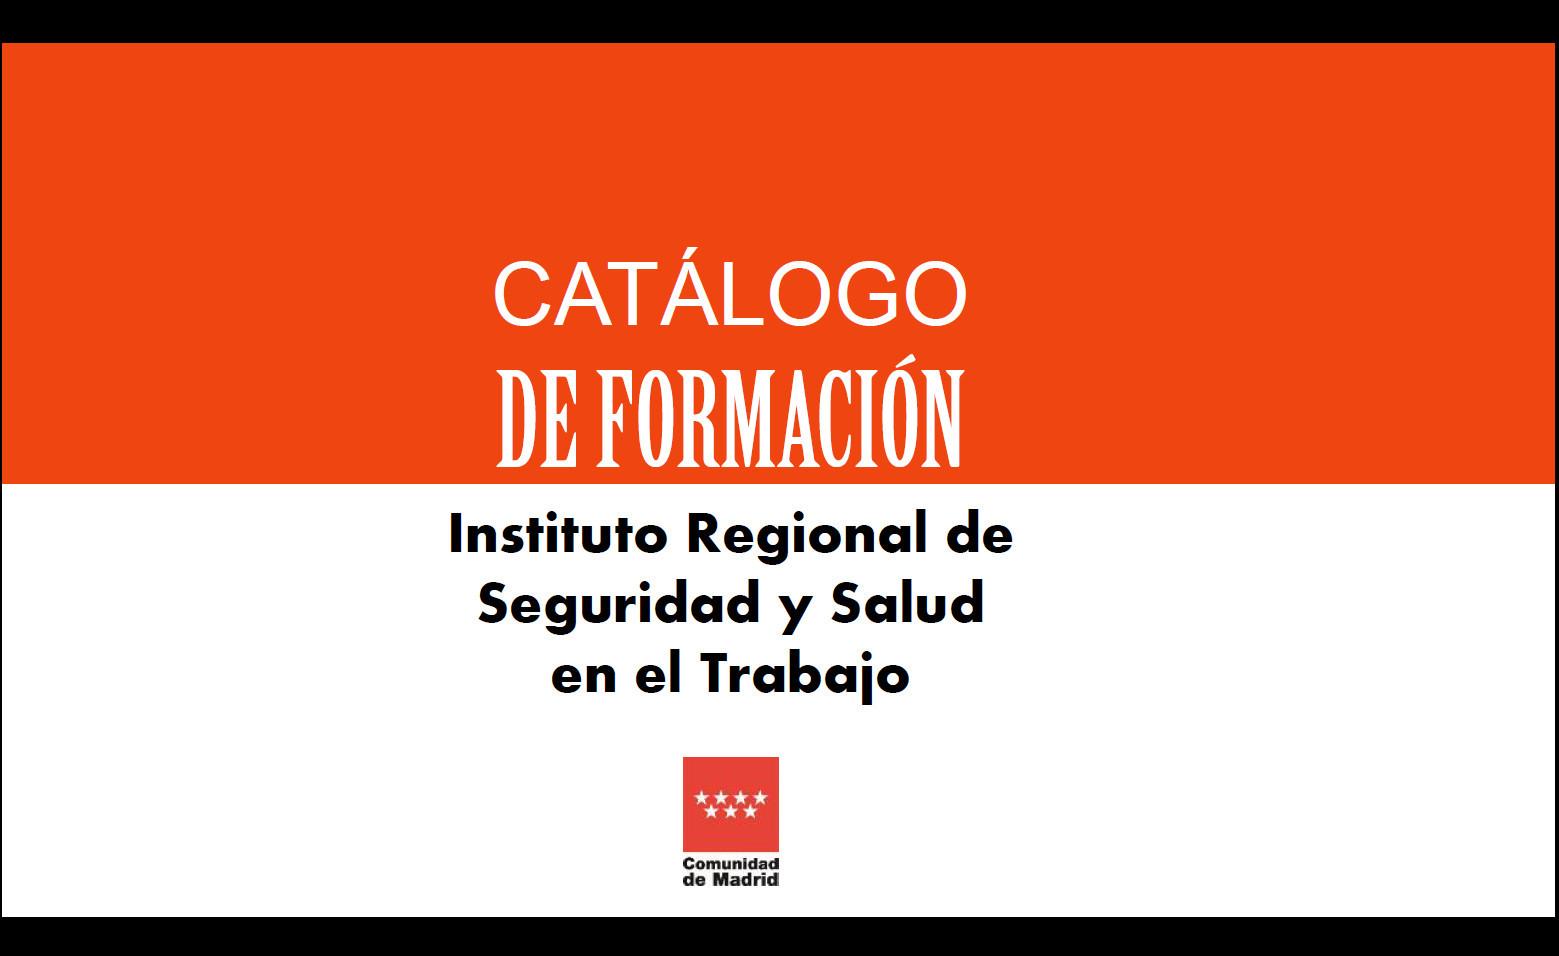 Portada Catálogo de formación 2019